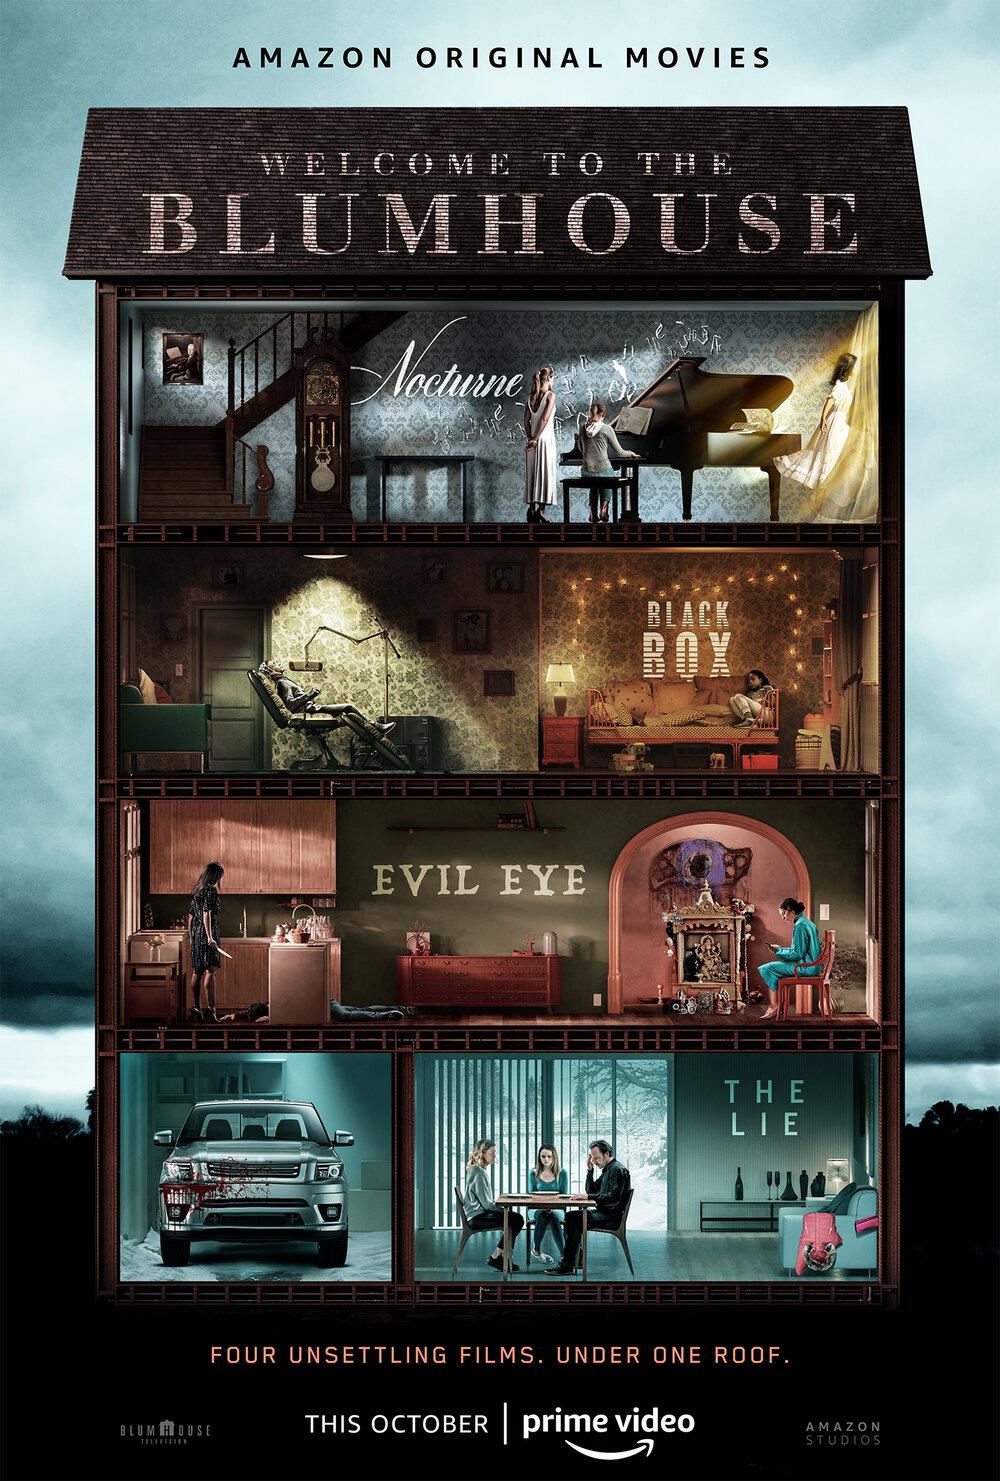 Первый тизер-трейлер Welcome tothe Blumhouse —хоррор-антологии Amazon и Blumhouse 1